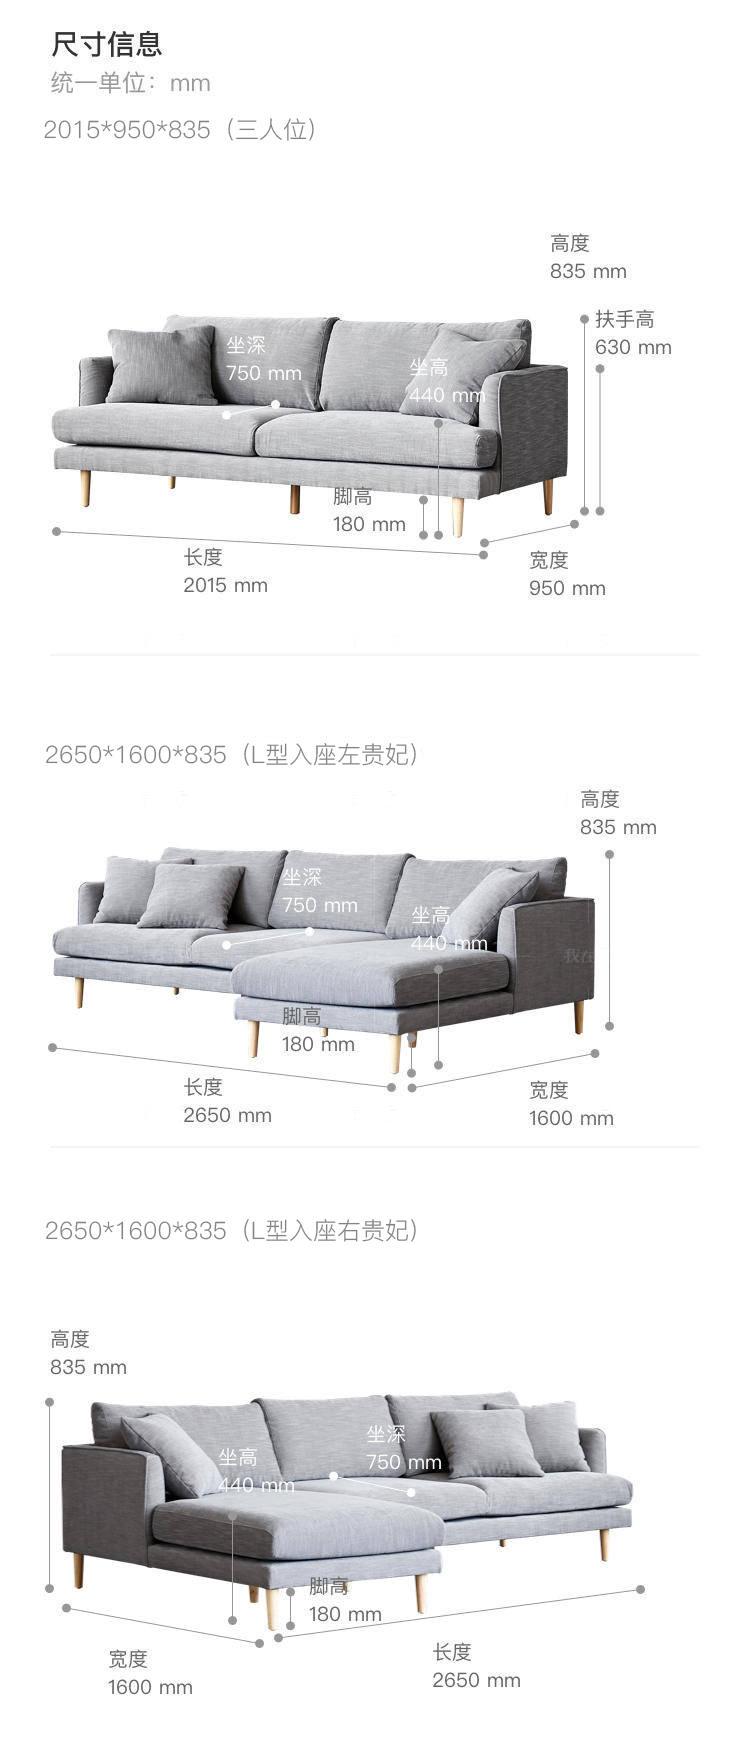 原木北欧风格北海道沙发的家具详细介绍